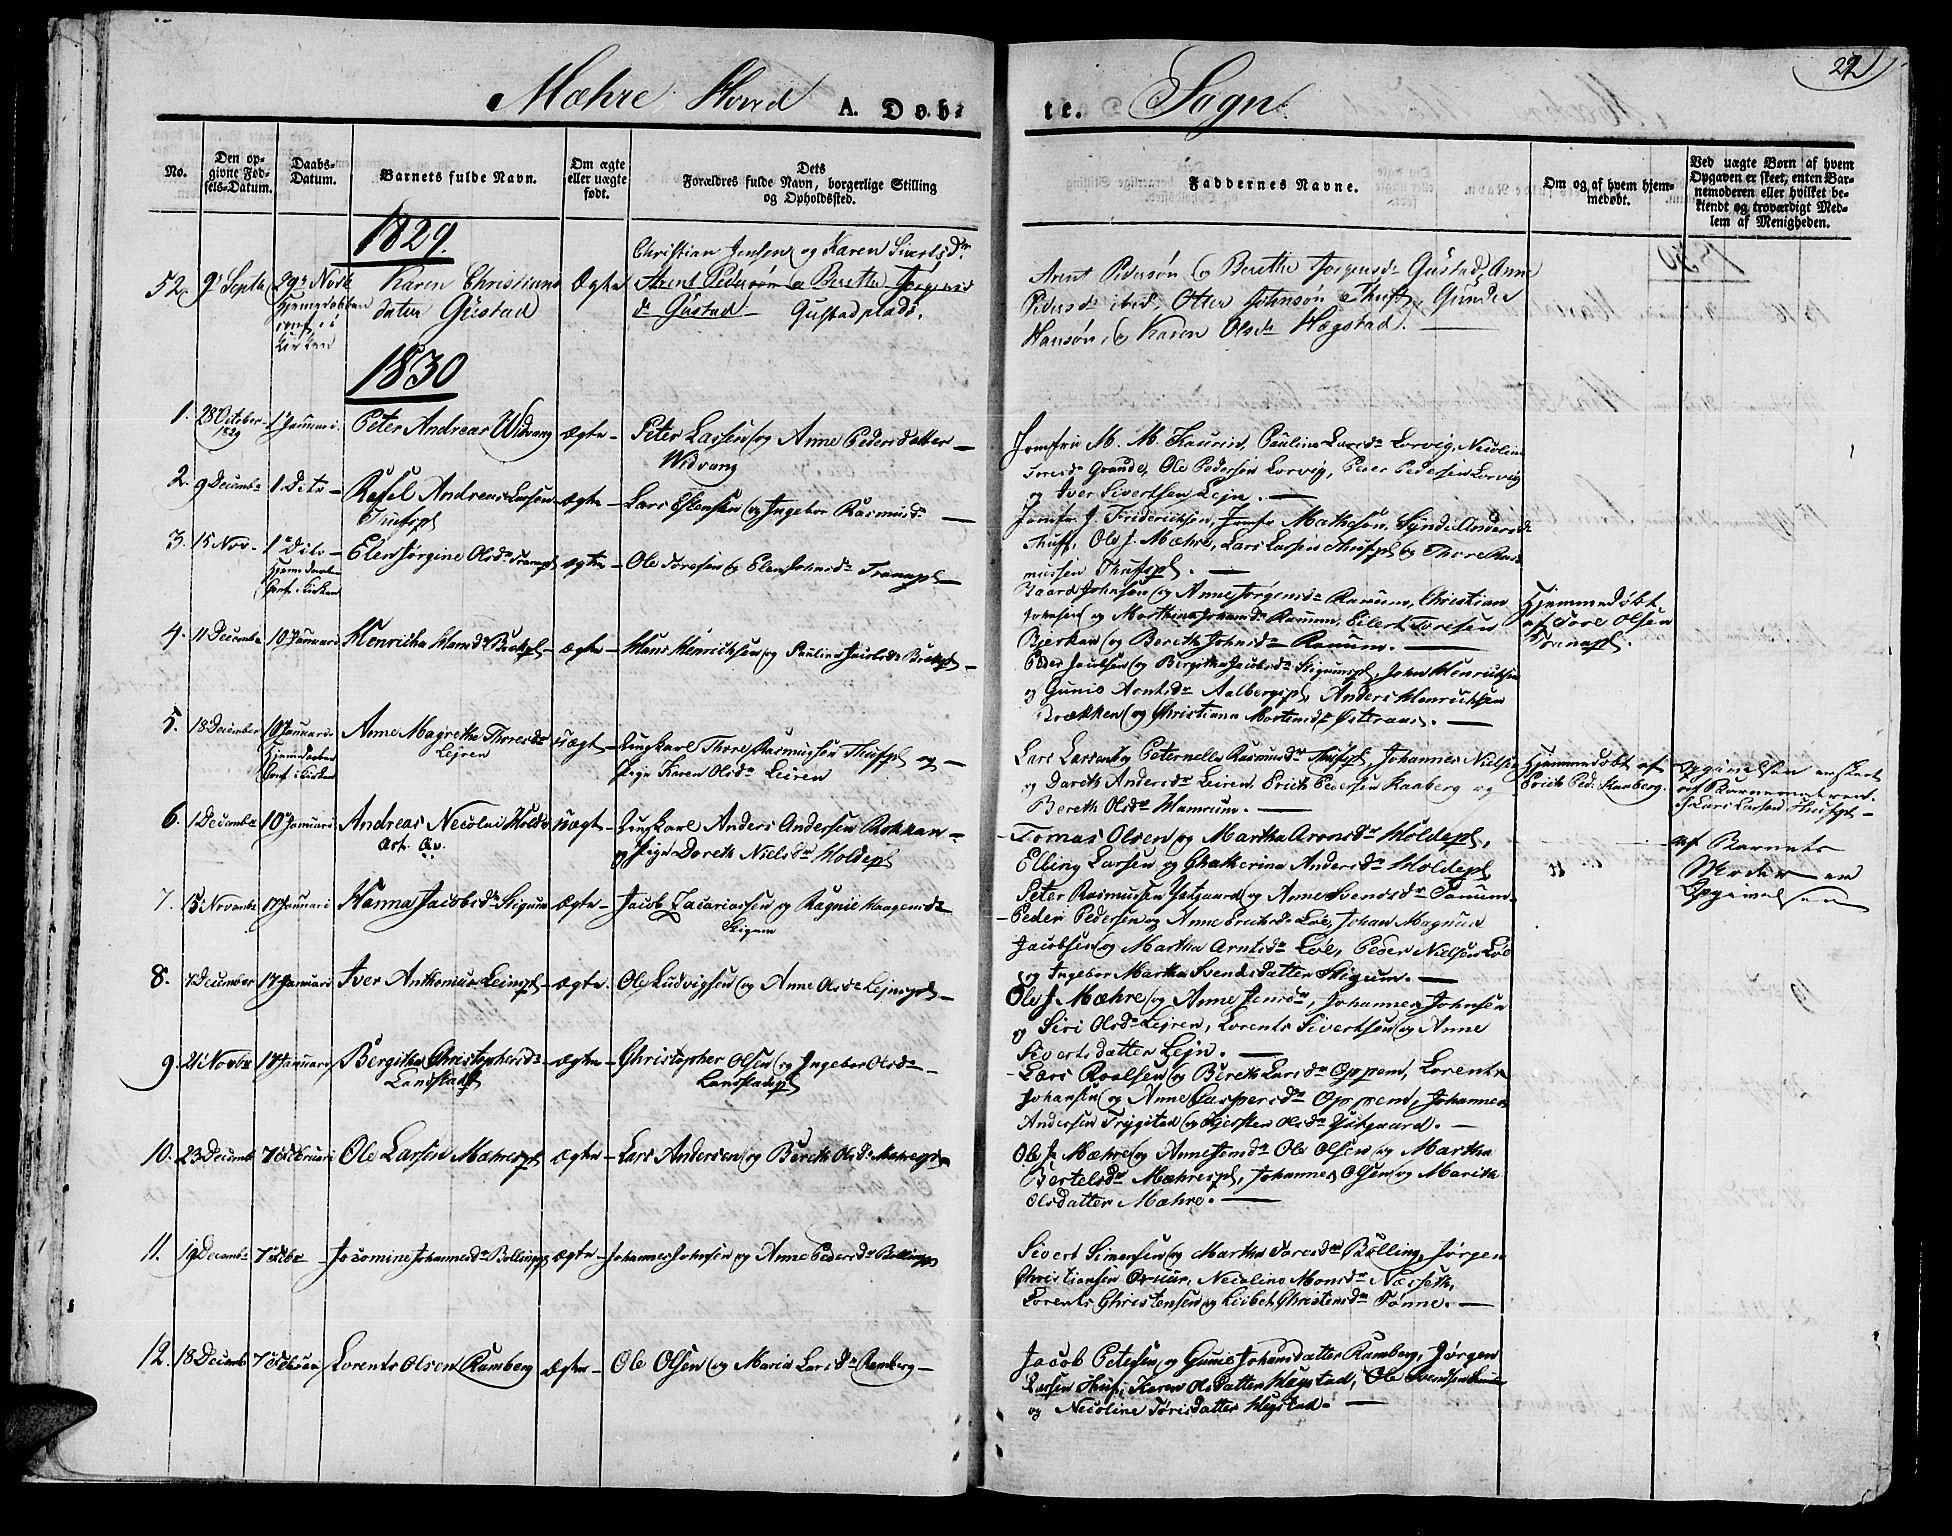 SAT, Ministerialprotokoller, klokkerbøker og fødselsregistre - Nord-Trøndelag, 735/L0336: Ministerialbok nr. 735A05 /1, 1825-1835, s. 22